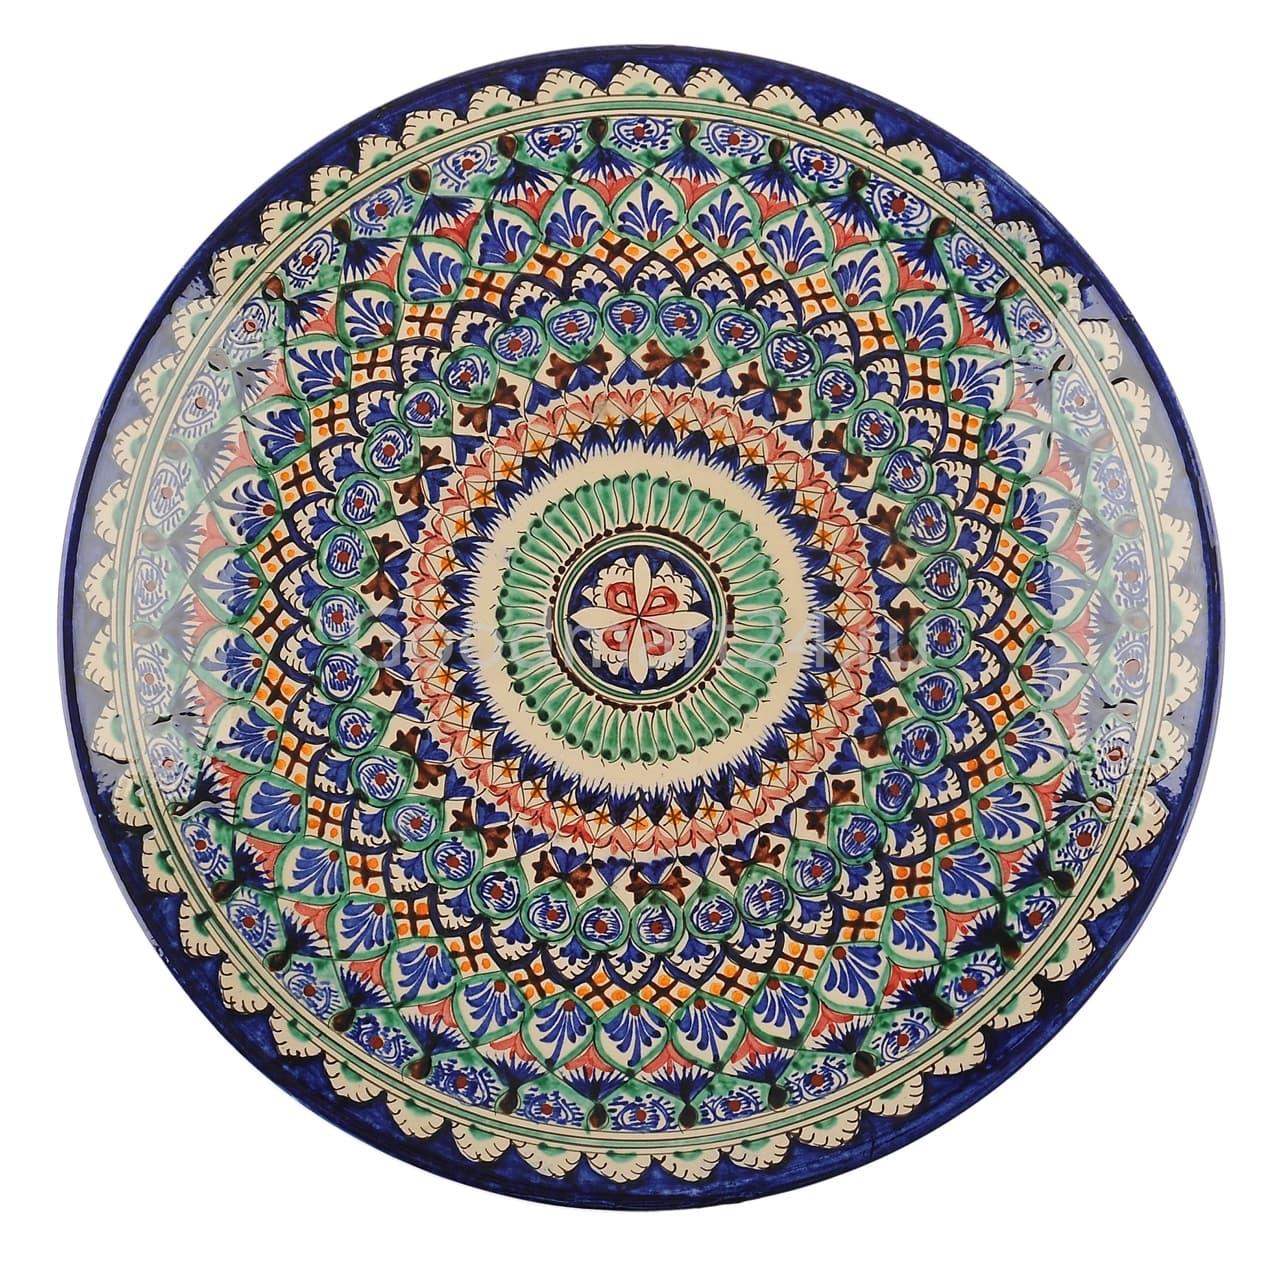 Ляган Риштанская Керамика 42 см. плоский, синий - фото 7328